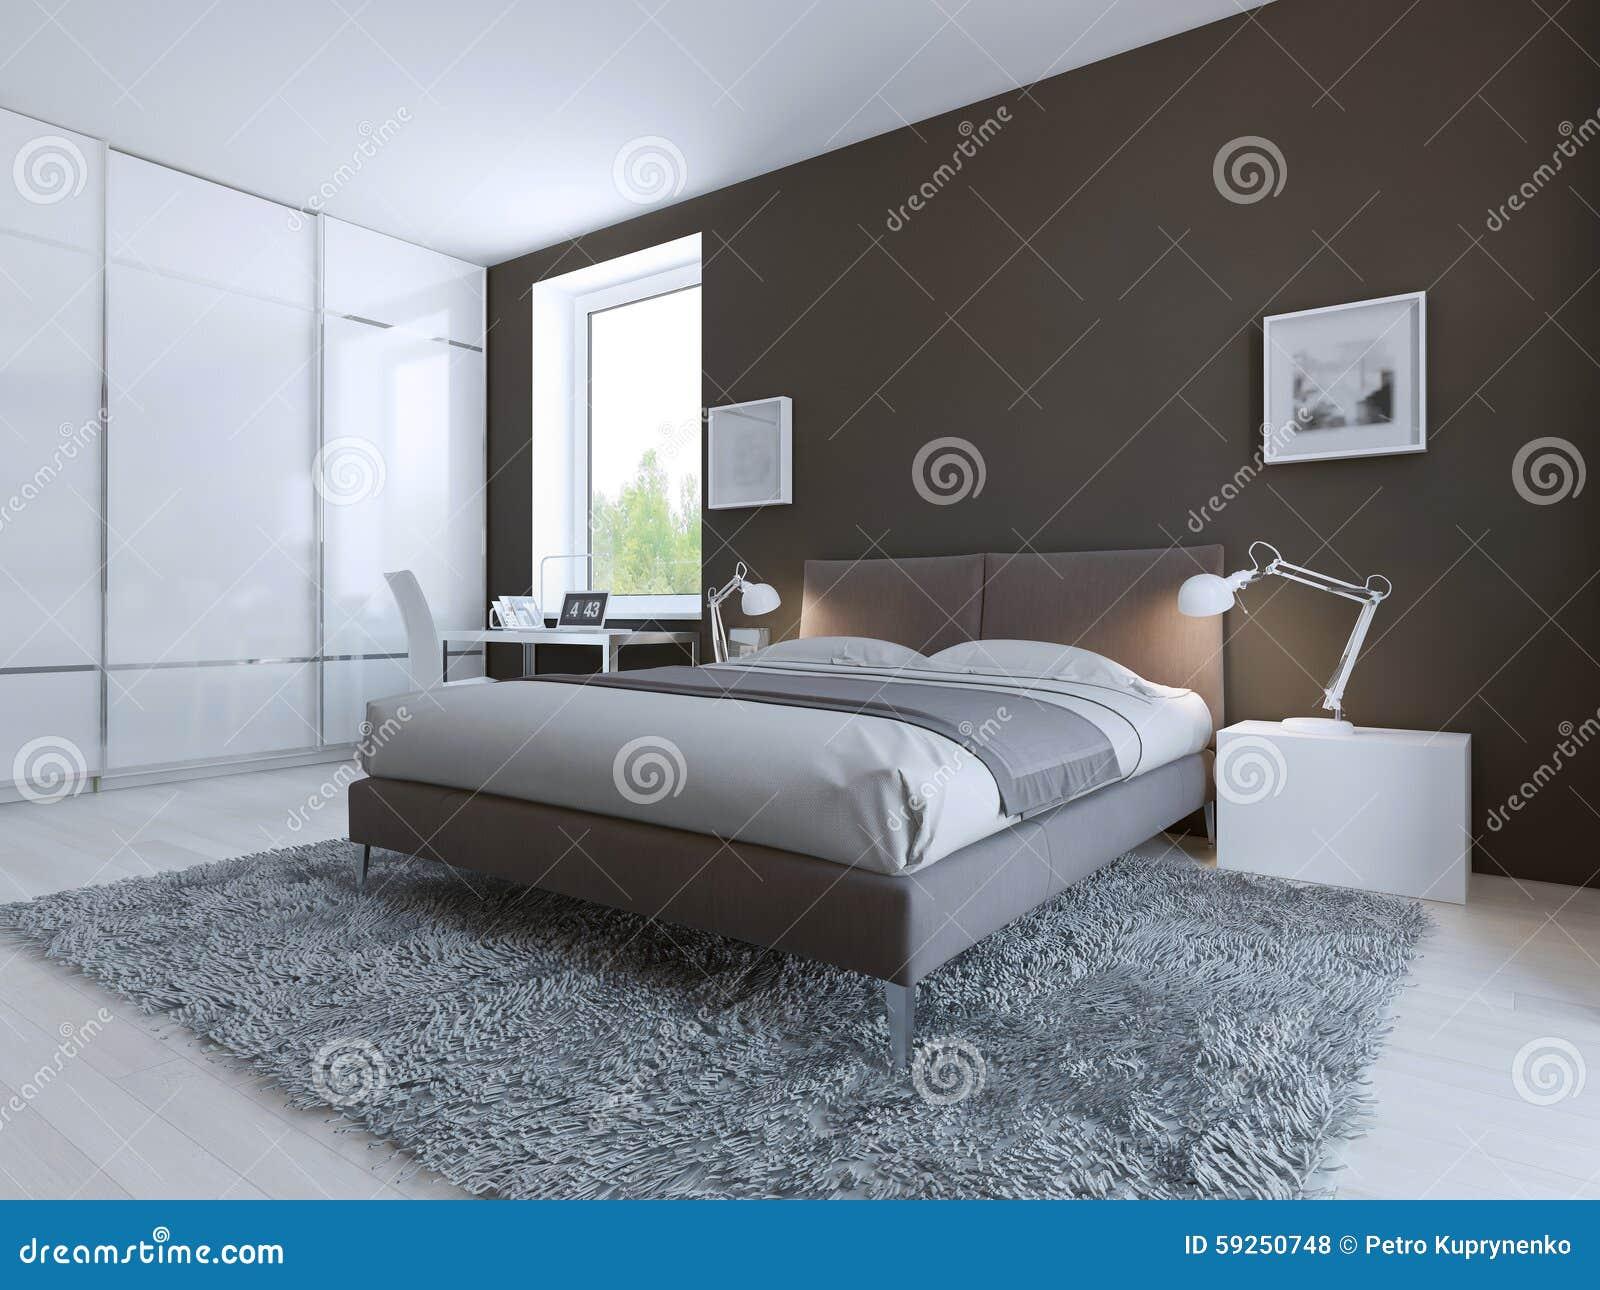 Kleine Minimalistische Slaapkamer : Minimalistische slaapkamer voor goede rust stock illustratie